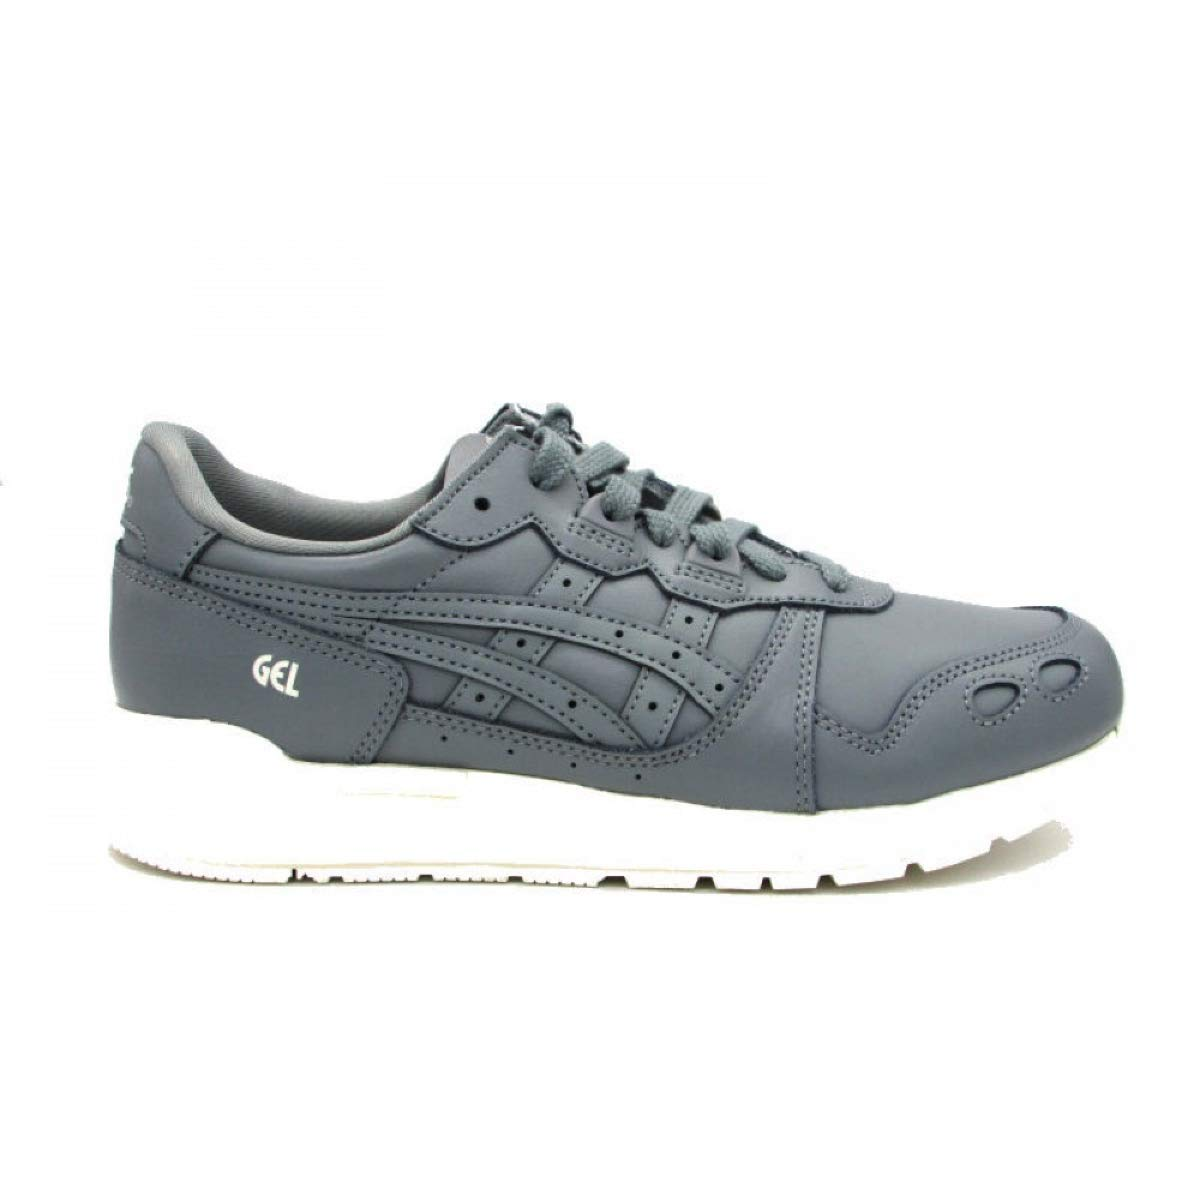 Asics scarpe da ginnastica Gel-Lyte Grigio Bianco 1193A133-020 1193A133-020 1193A133-020 (42.5 - Grigio) 3468f8